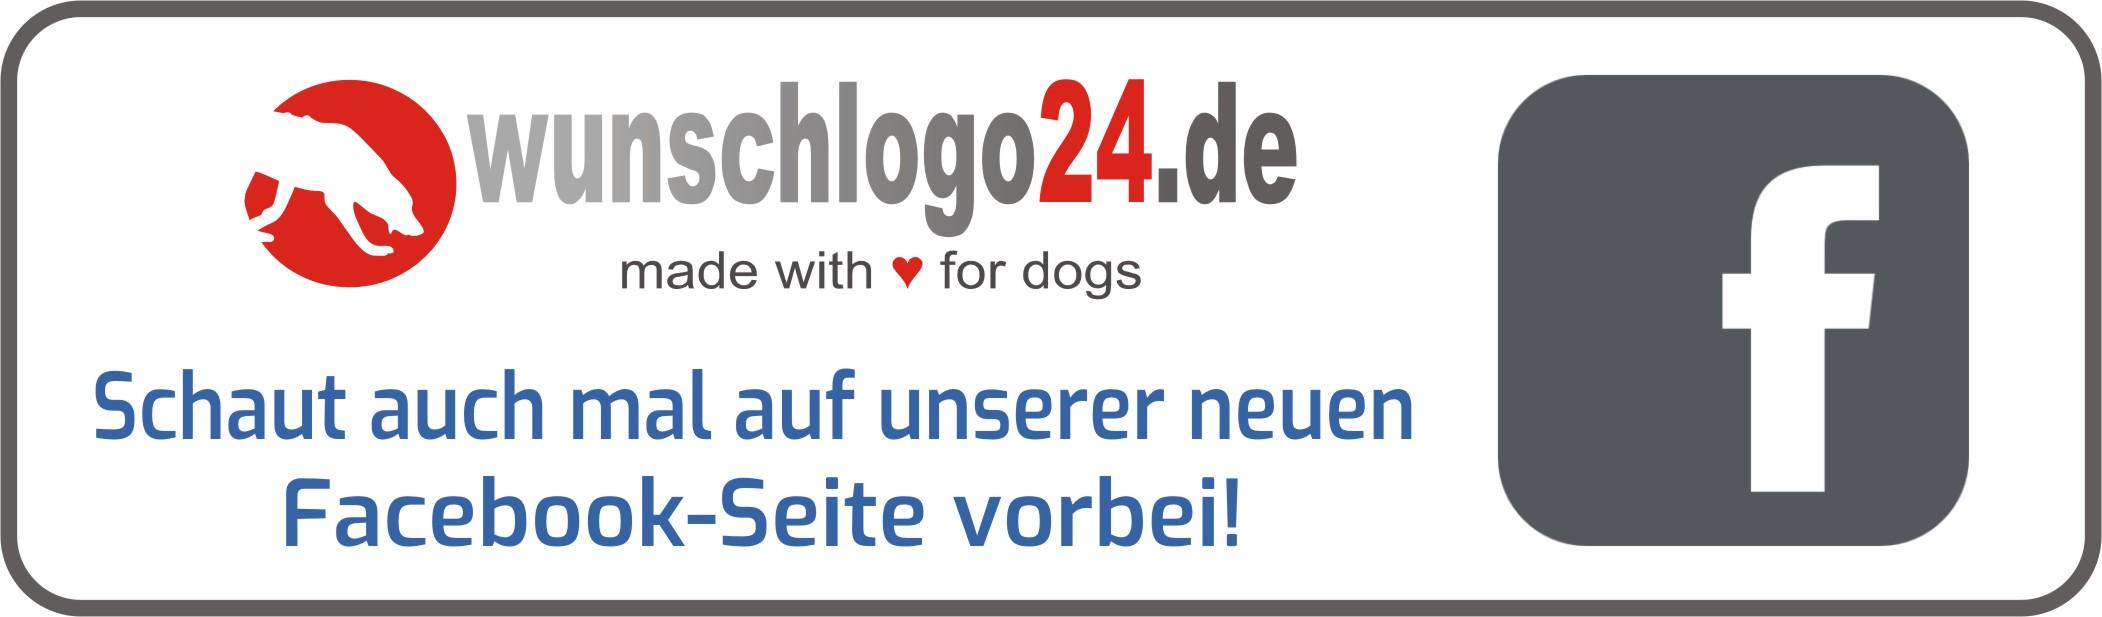 Facebook Wunschlogo24.de